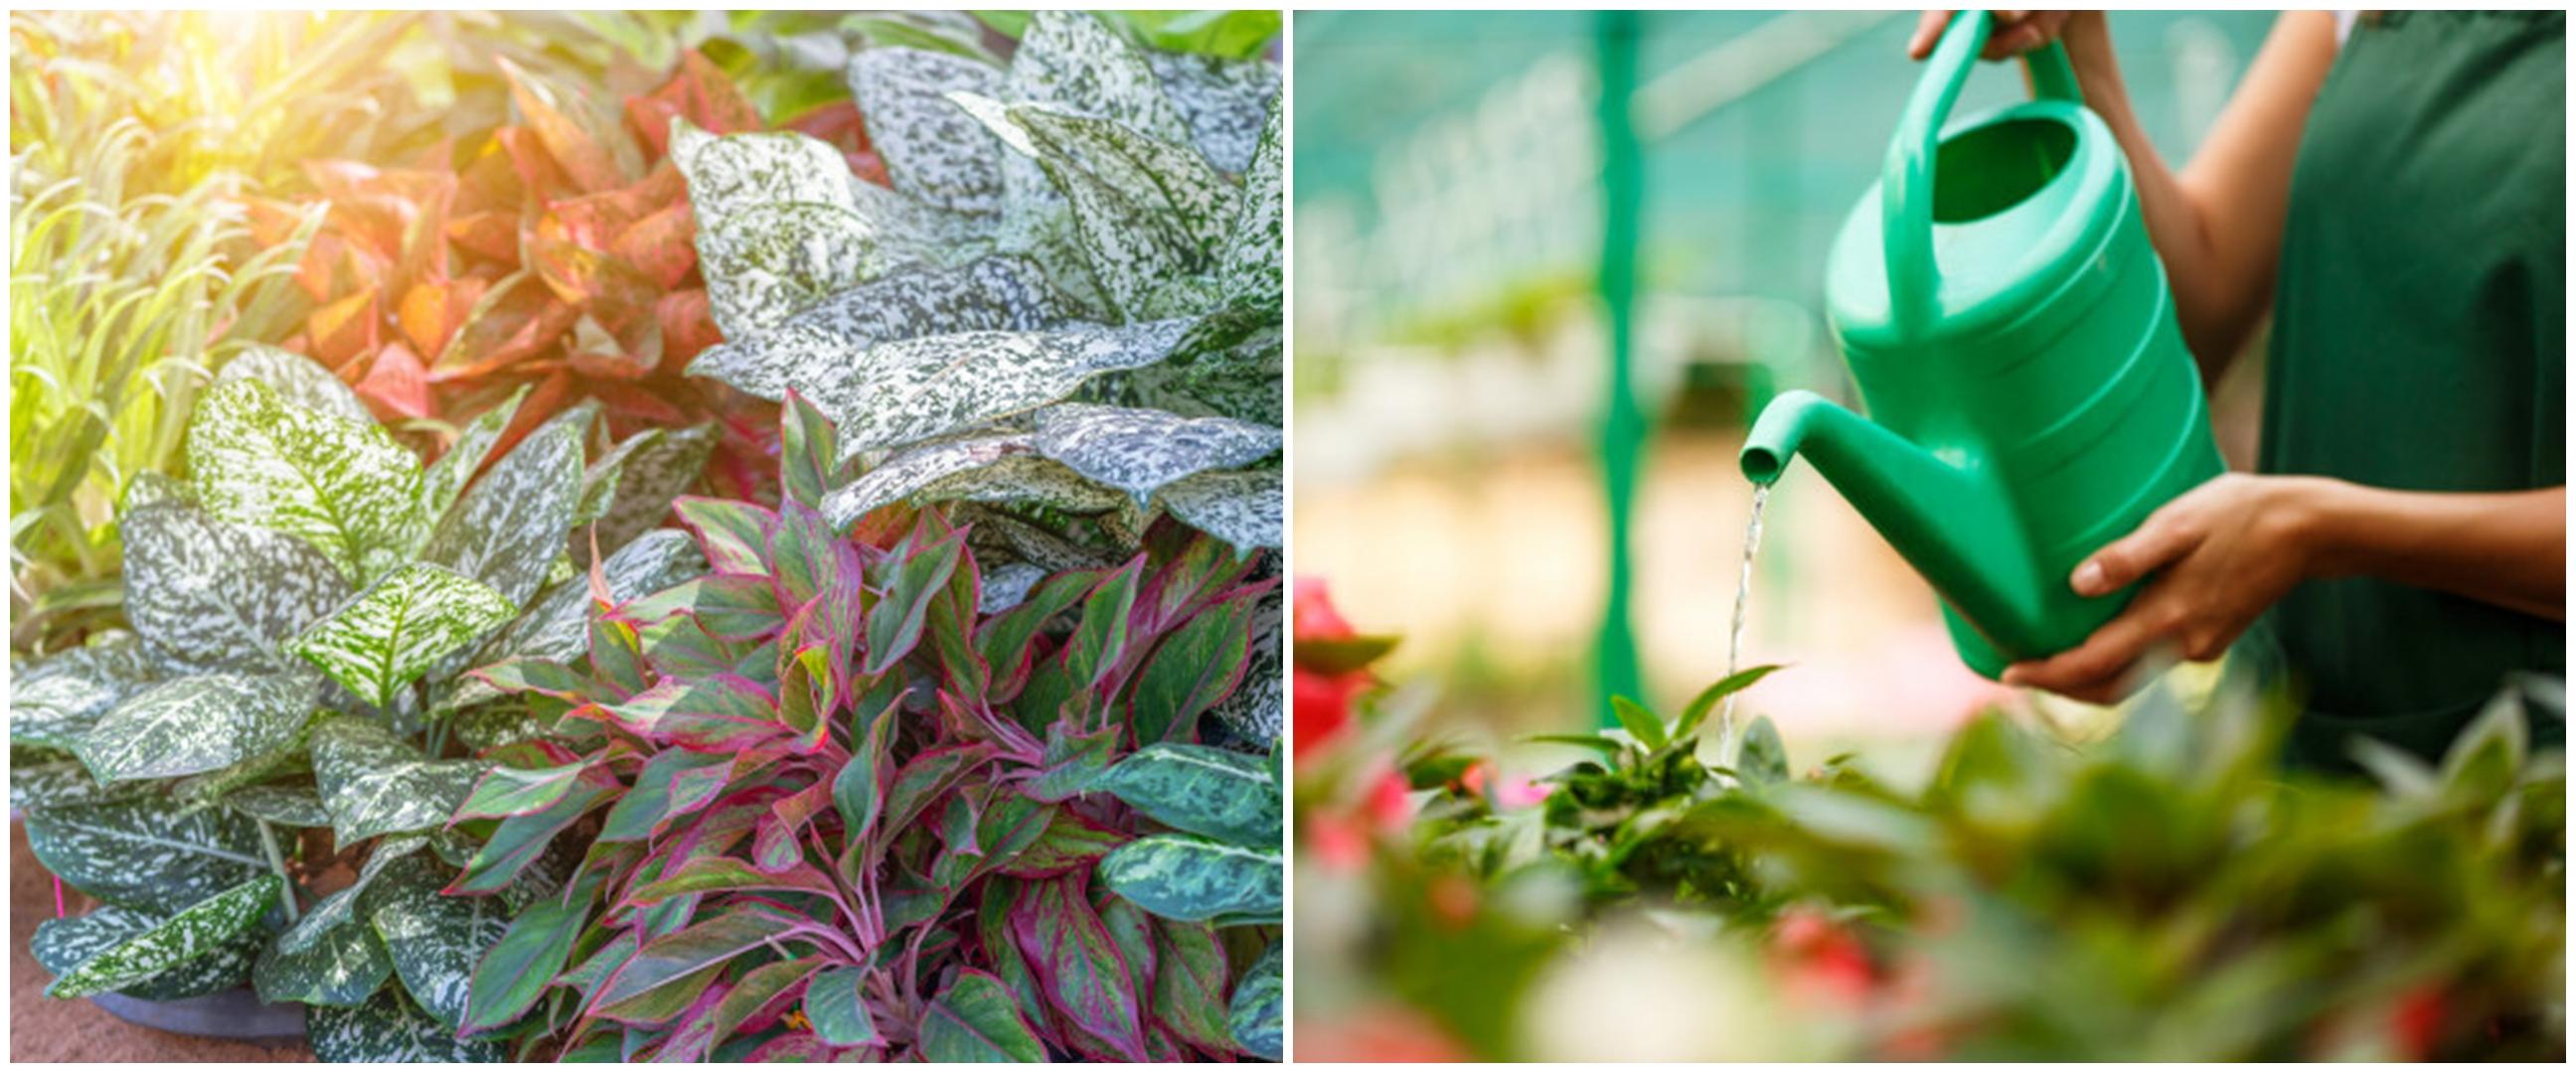 Cara merawat bunga aglonema lipstik, simpel untuk pemula